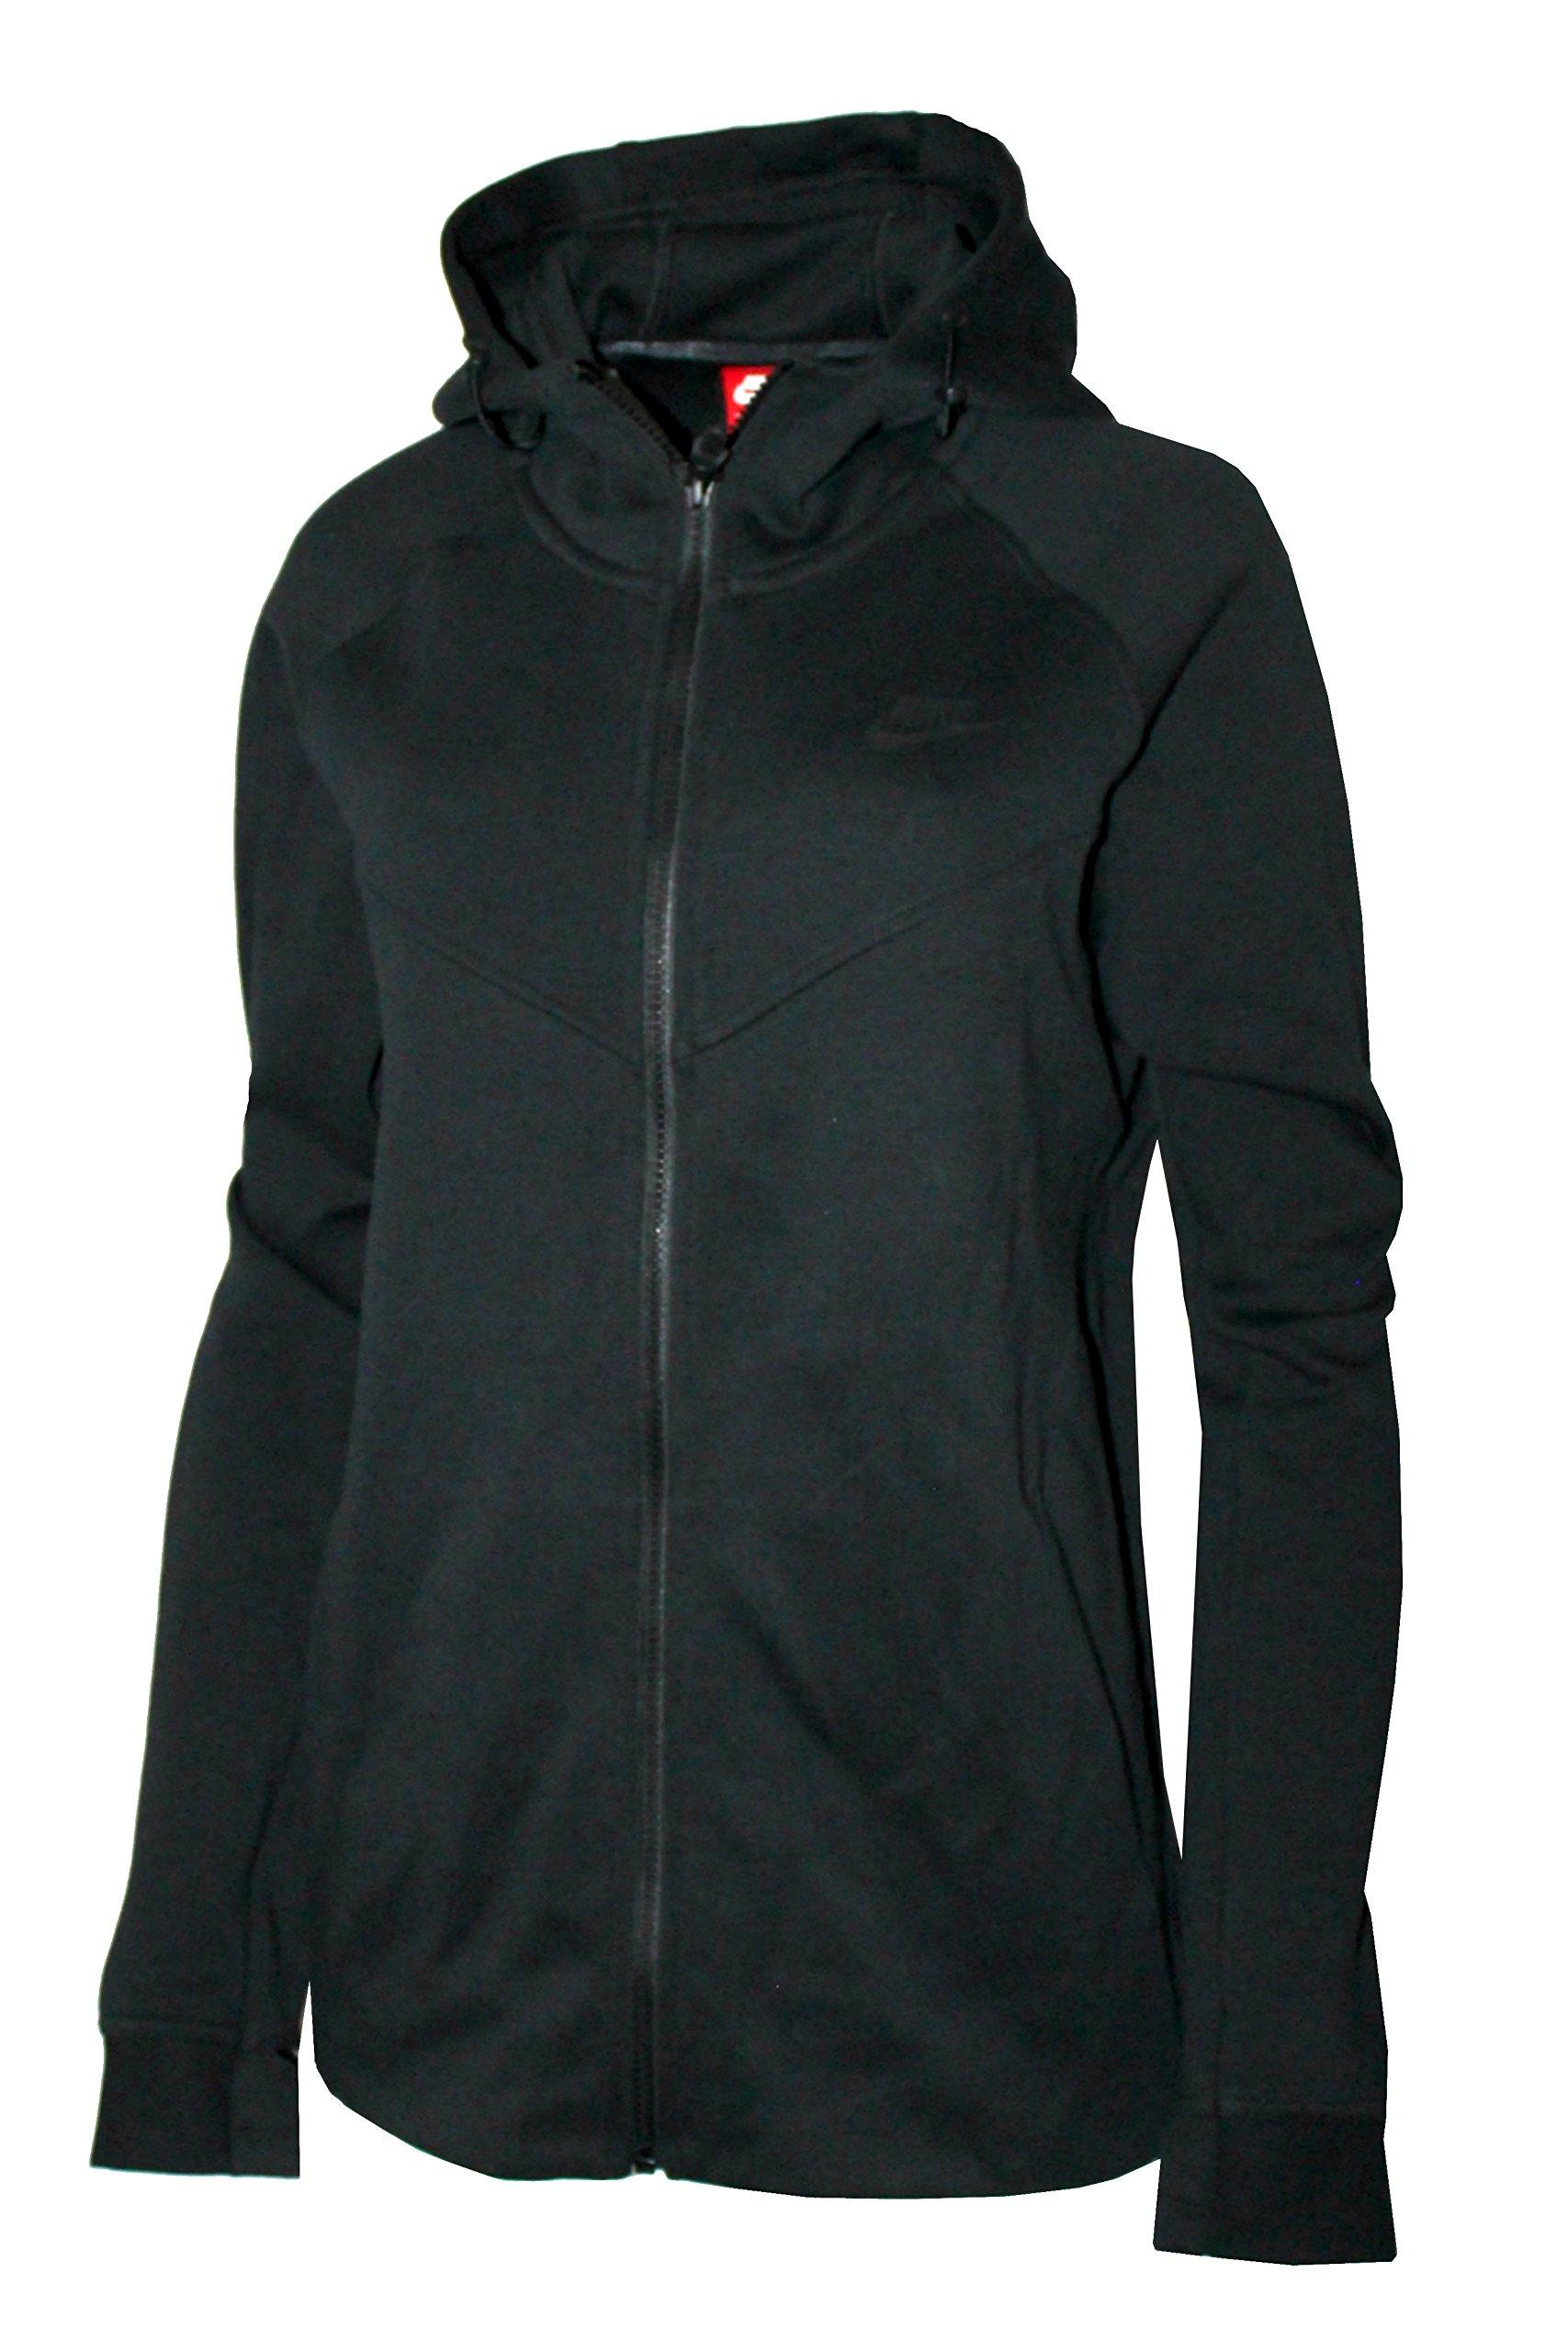 Nike Womens Plus Size Sportswear Tech Fleece Hoodie BLACK (2X)